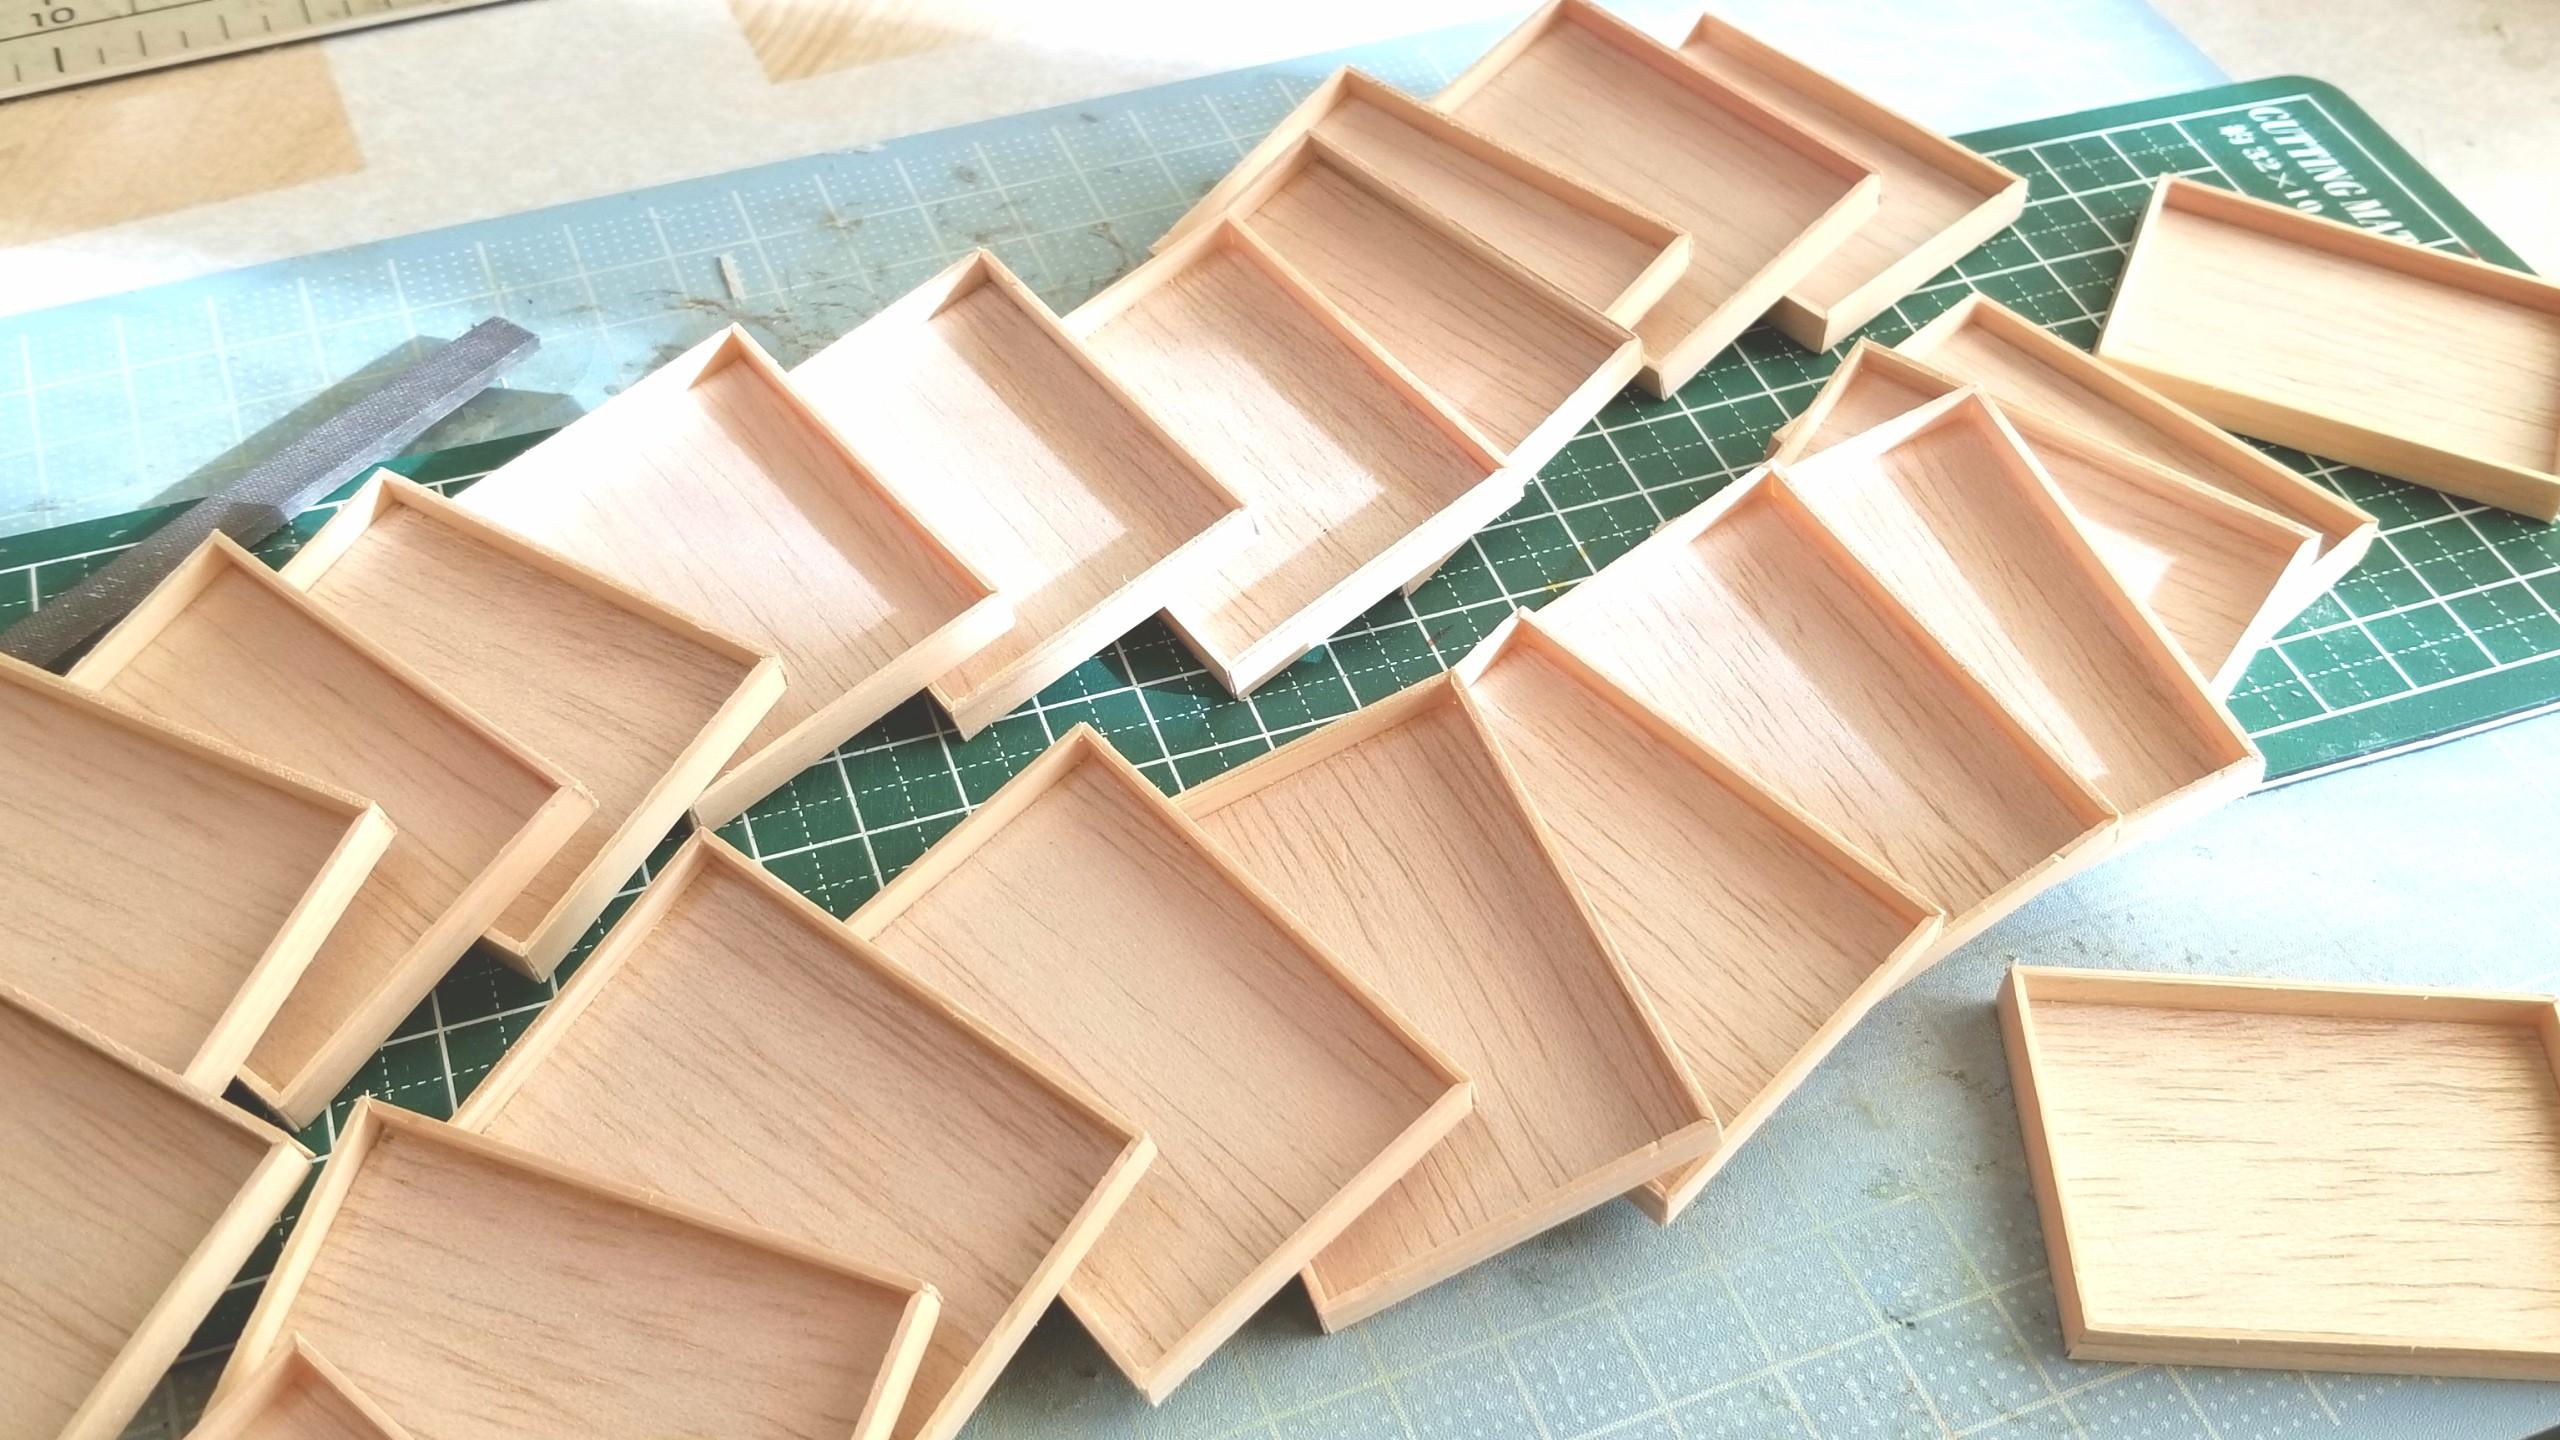 おぼん,作り方,ミニチュアフード,桧,木材,木工,留め切り,ジオラマ